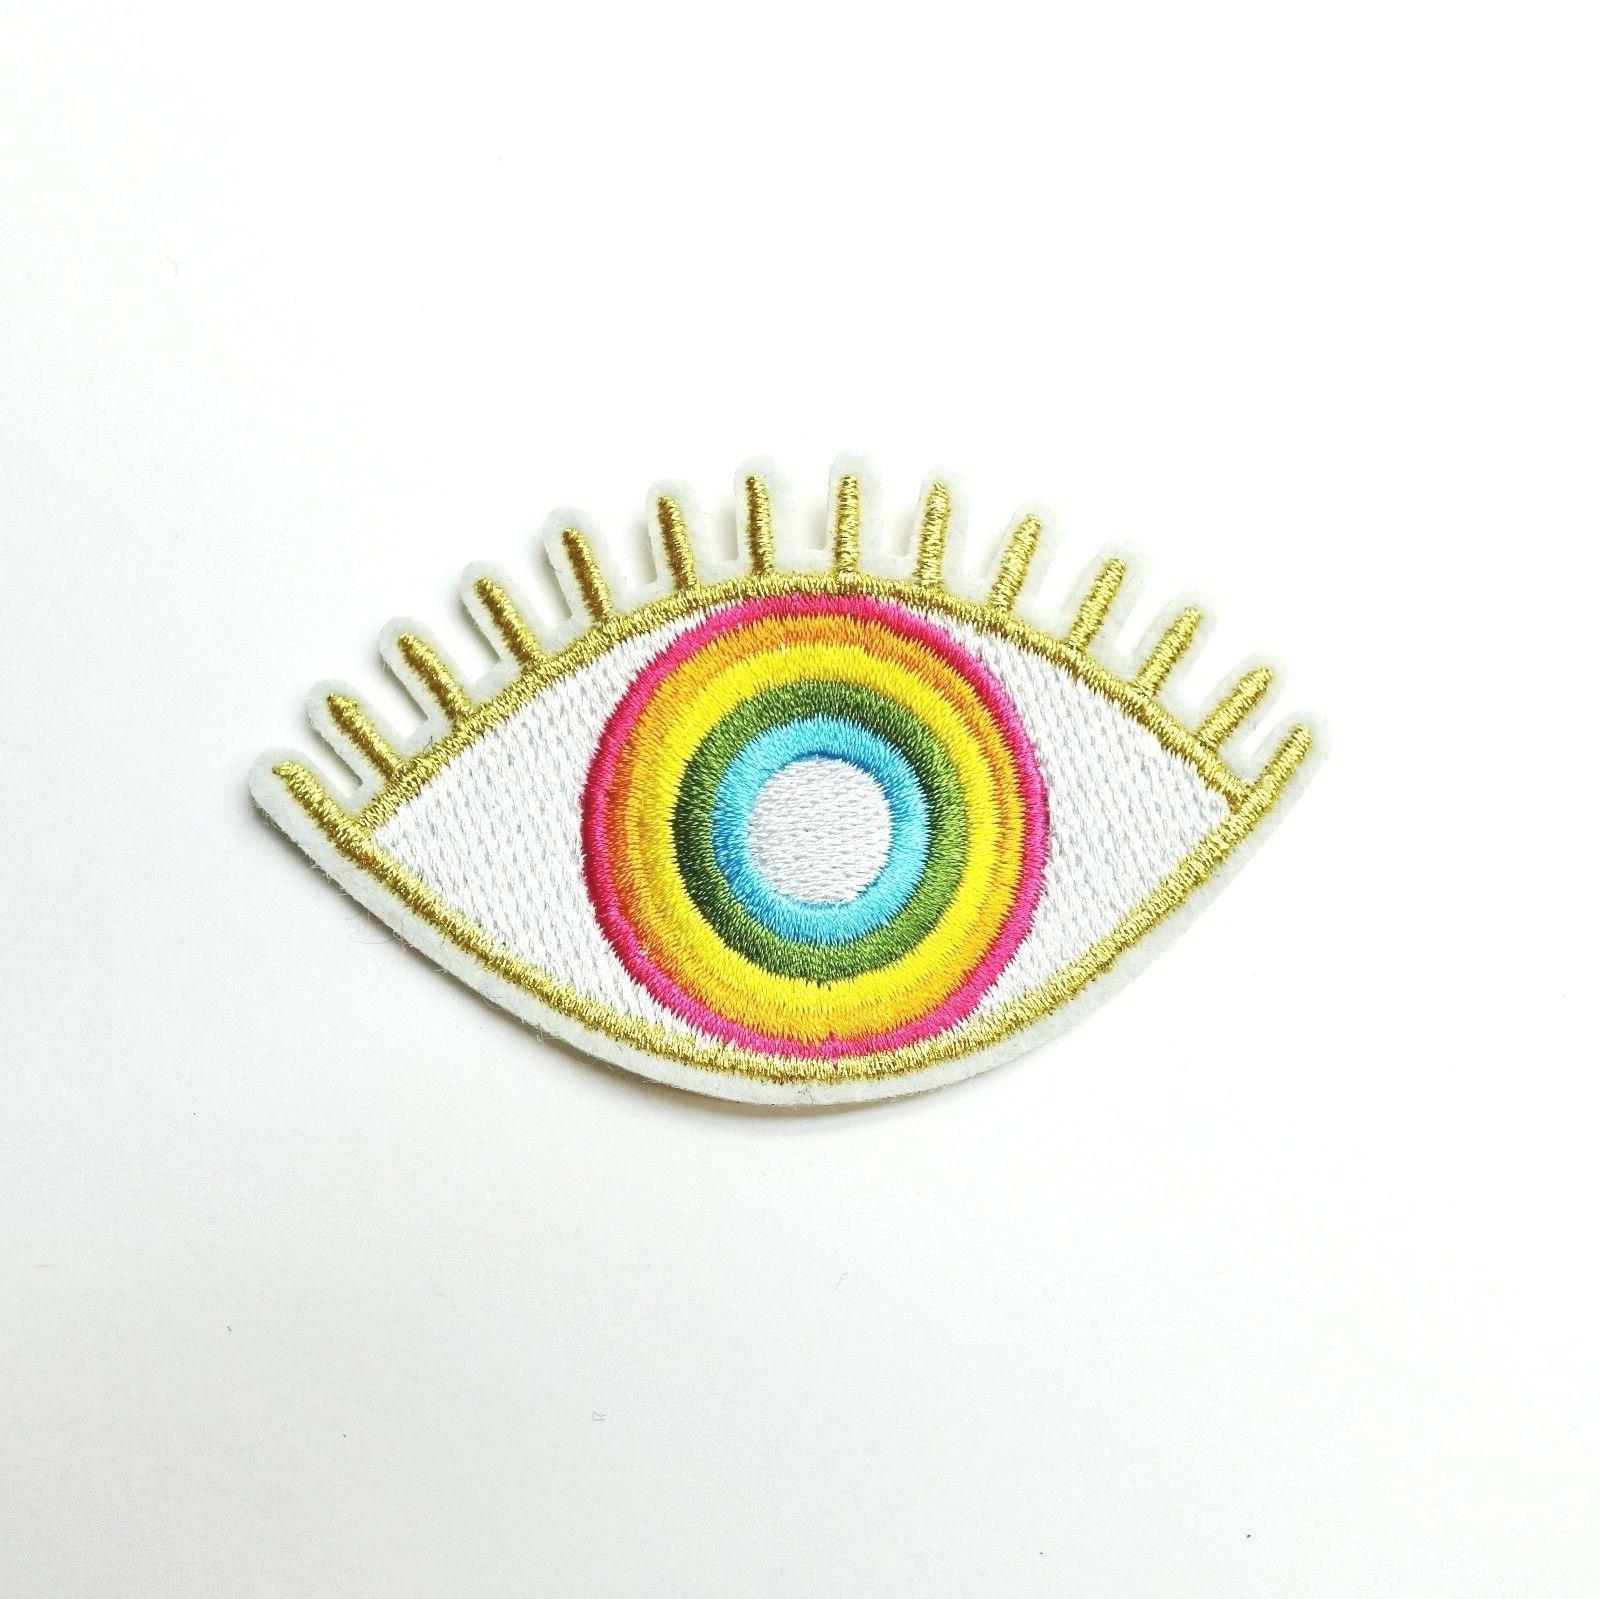 Gold Eye Hamsa, Iron-On/Sew-On